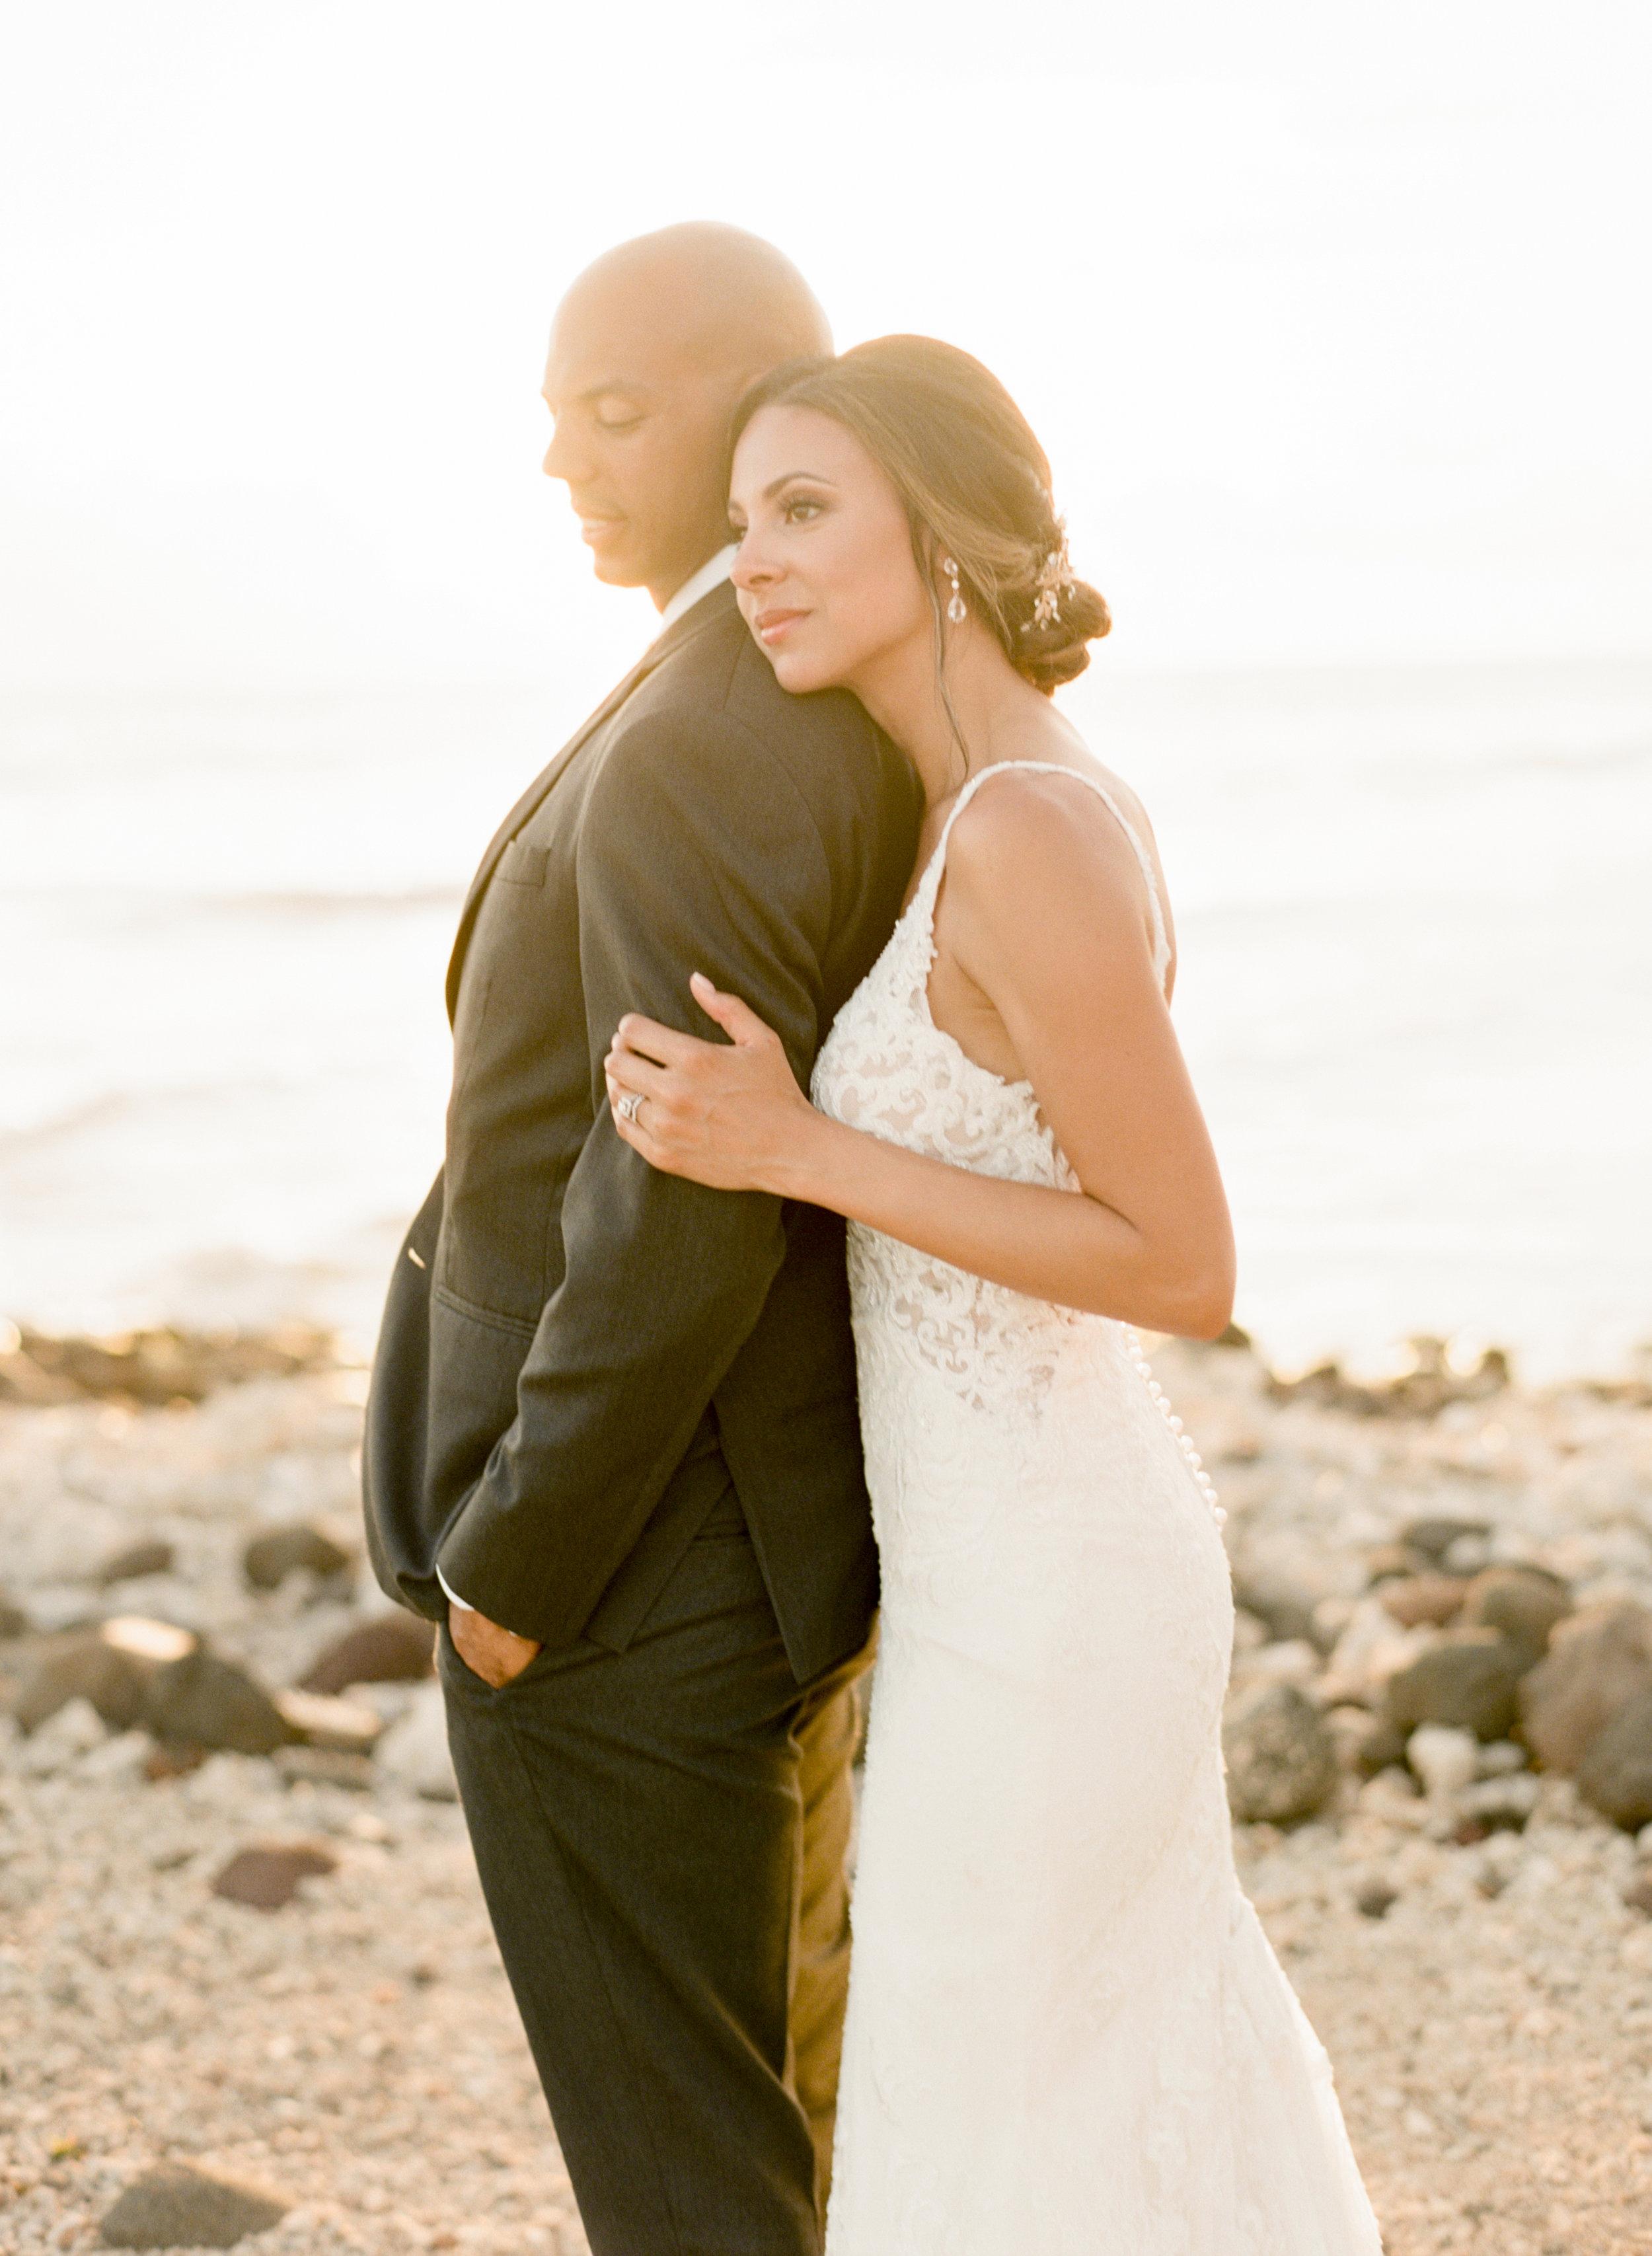 Olowalu-Plantation-House-wedding-Maui-Hawaii-1-6.jpg